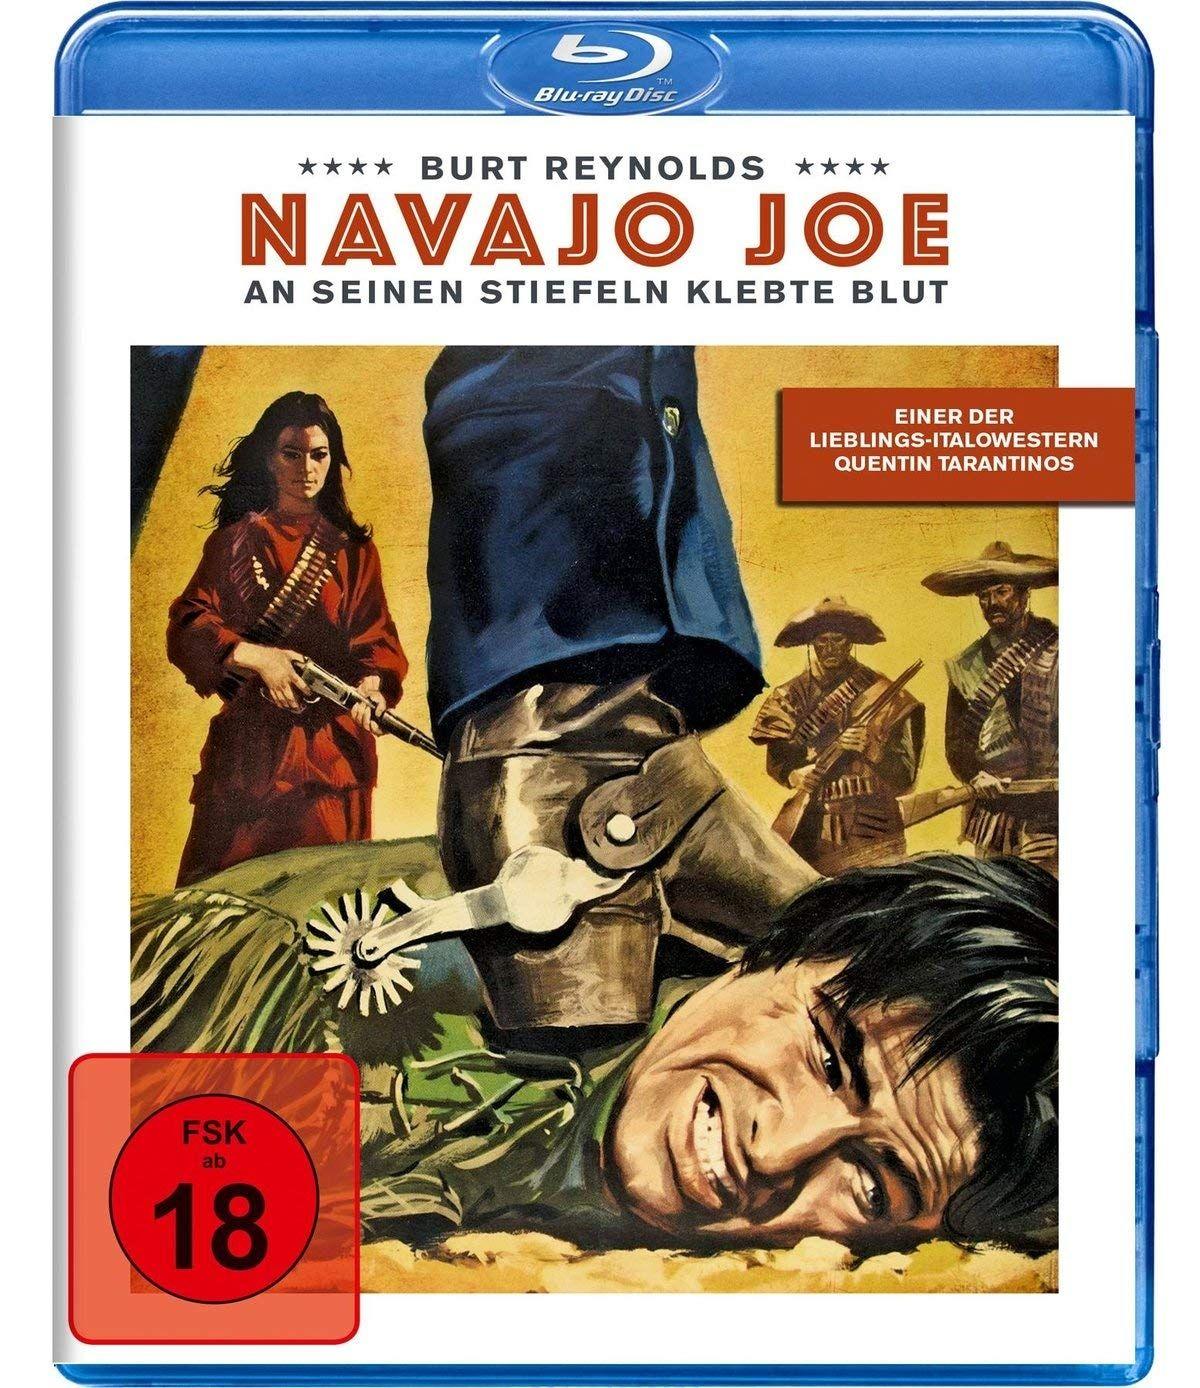 Navajo Joe - An seinen Stiefeln klebte Blut (BLURAY)